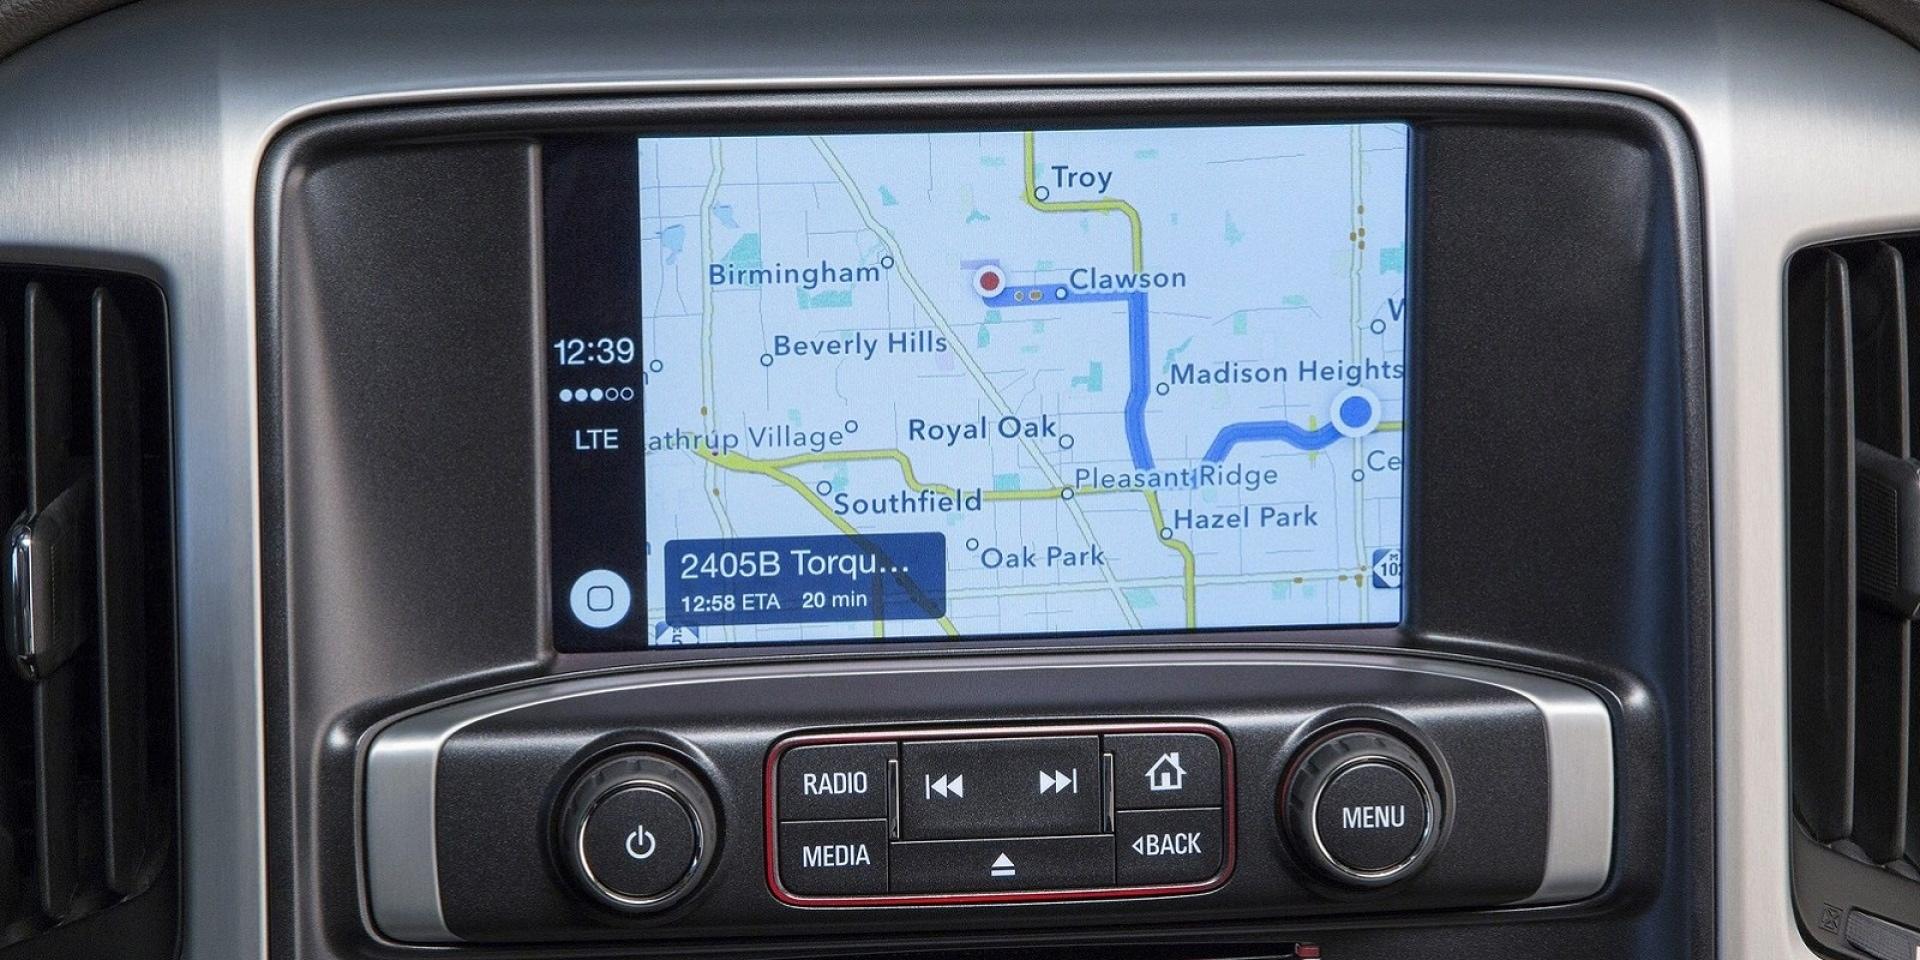 Apple CarPlay終於可以使用Google Maps作為導航系統